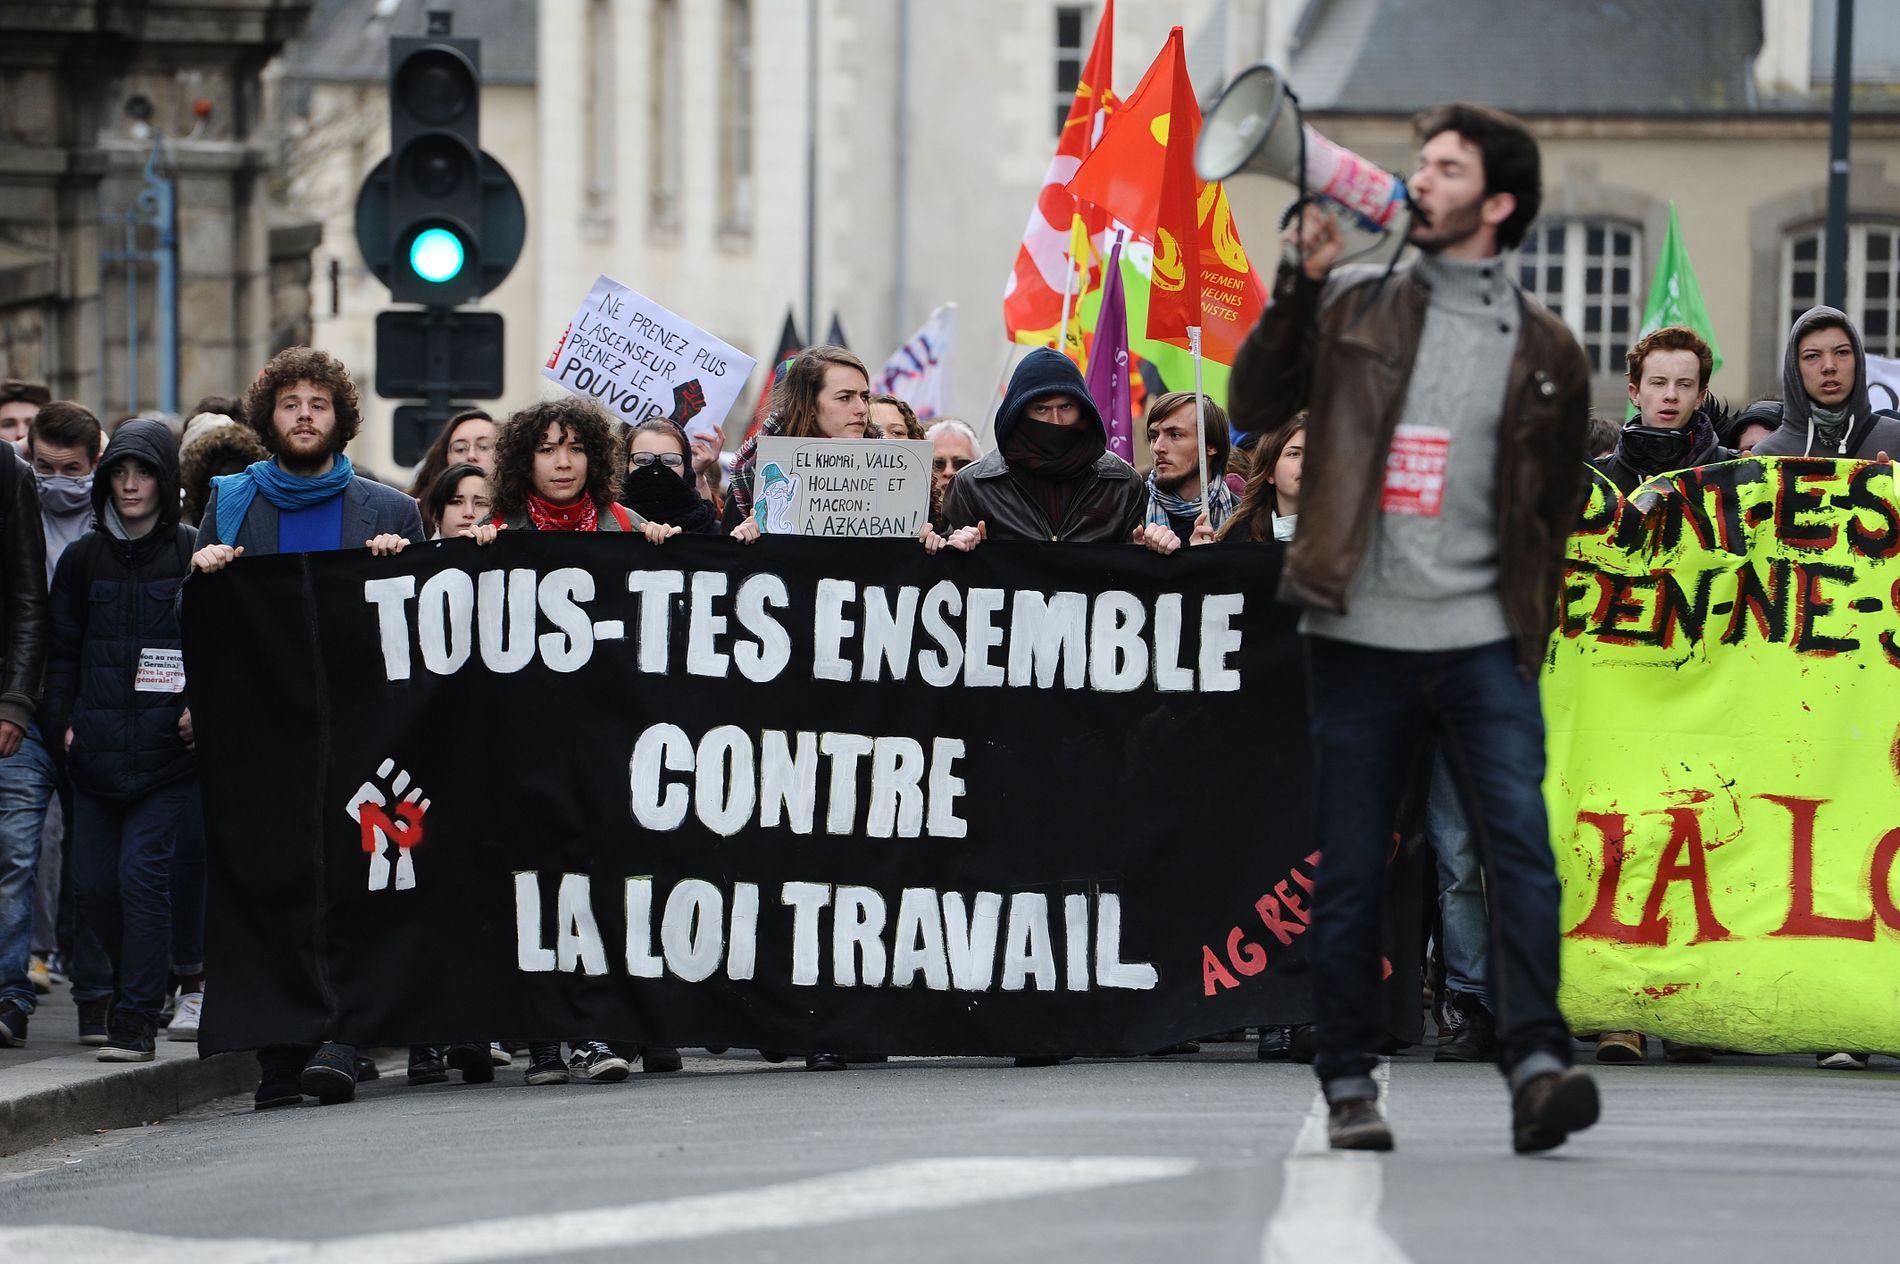 INGEN SUKSESS: Regjeringens forslag til ny arbeidslov i Frankrike vekket store protester og bidro ikke til å øke populariteten til president Hollande. FOTO:  AFP / JEAN-SEBASTIEN EVRARD